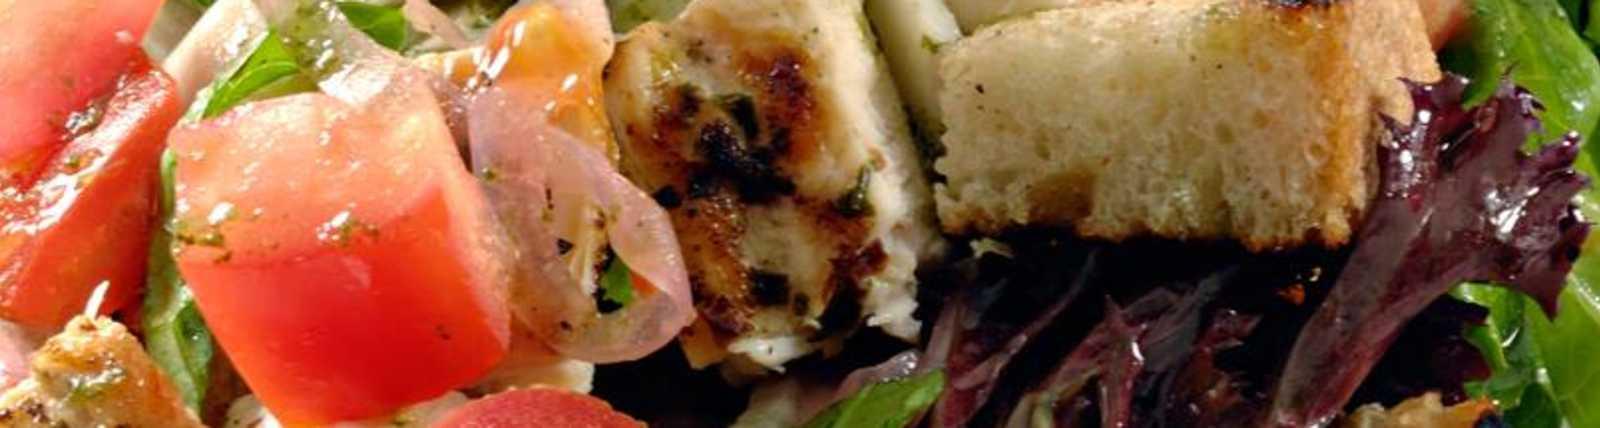 Stanford_s_Restaurant___Bar-17.jpg